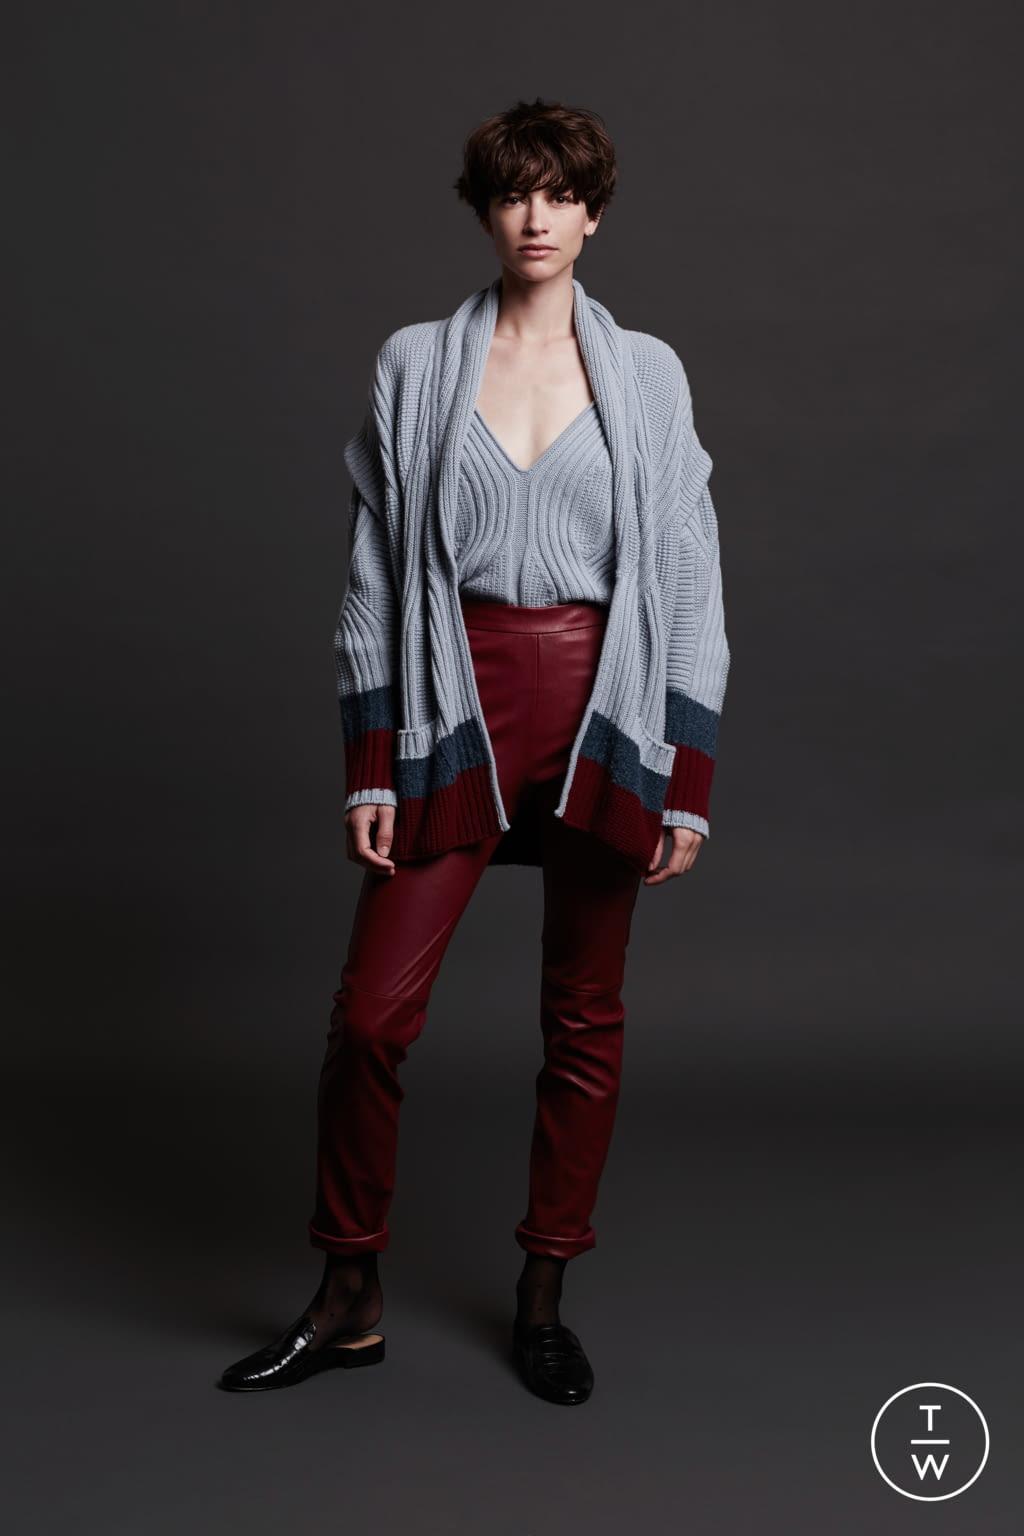 Fashion Week Paris Fall/Winter 2017 look 5 de la collection Maison Ullens womenswear